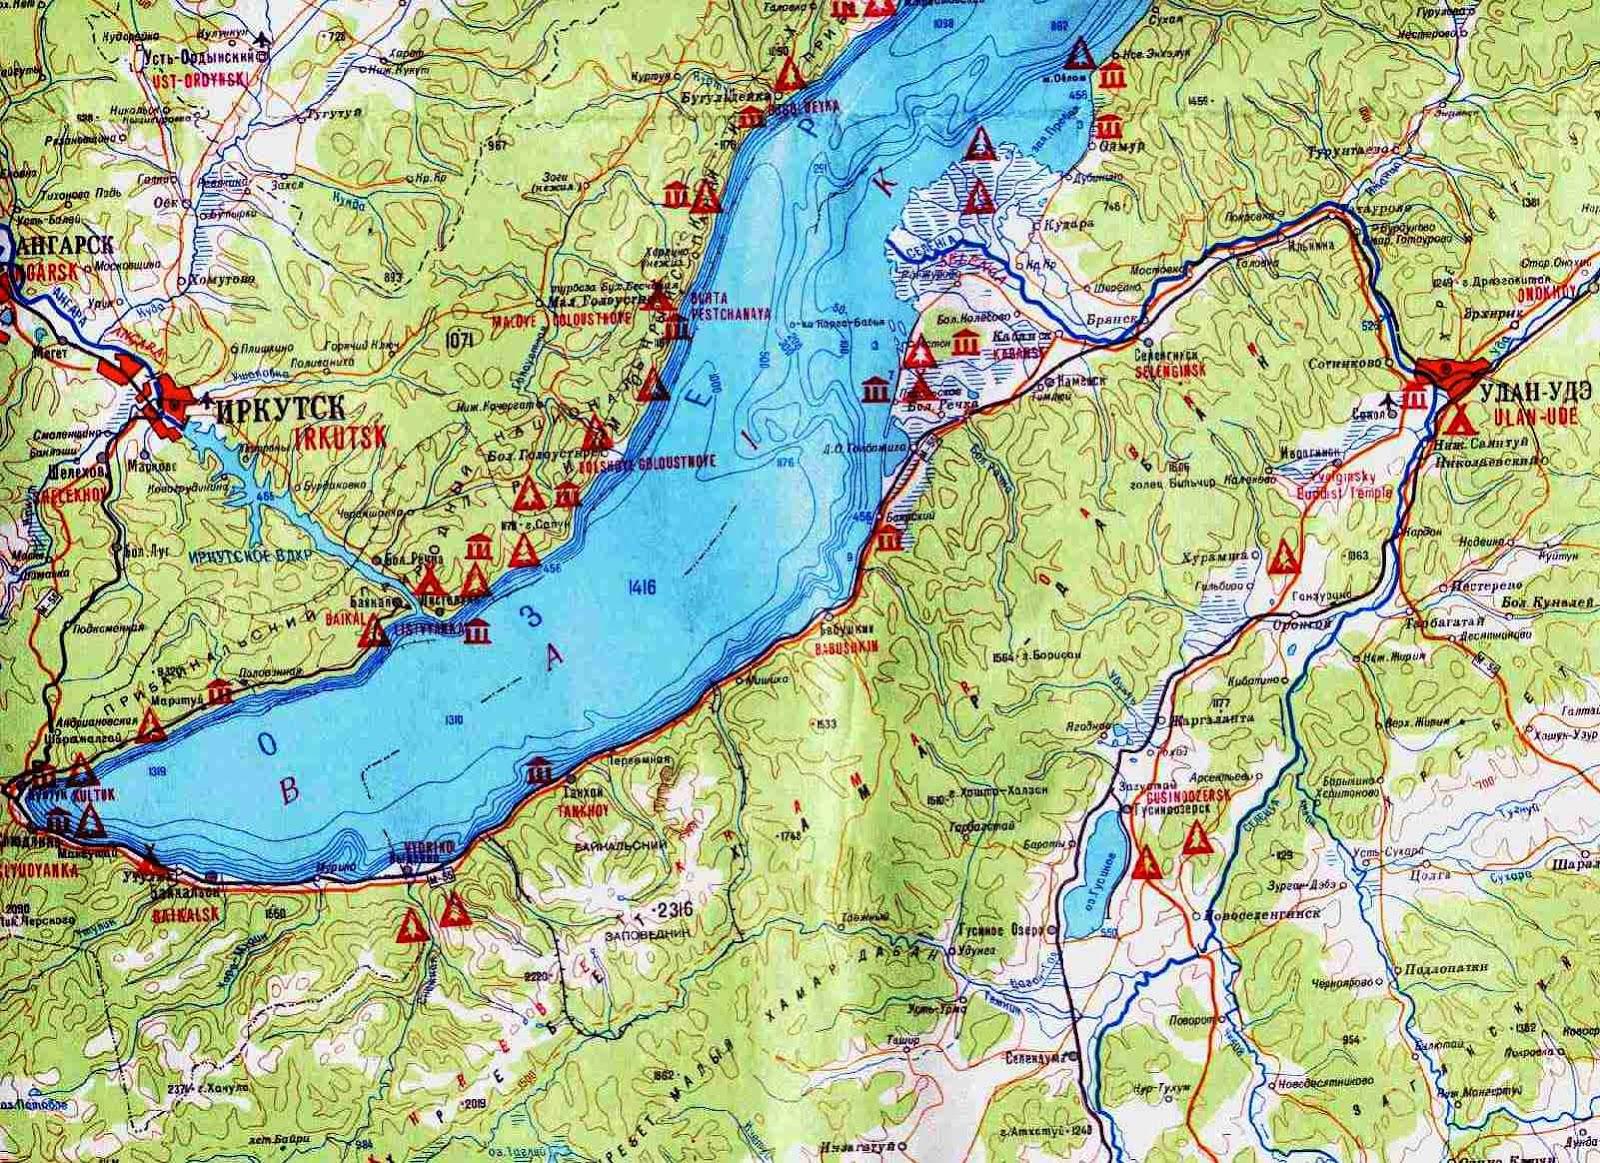 они картинки озера байкал карта растения его листья